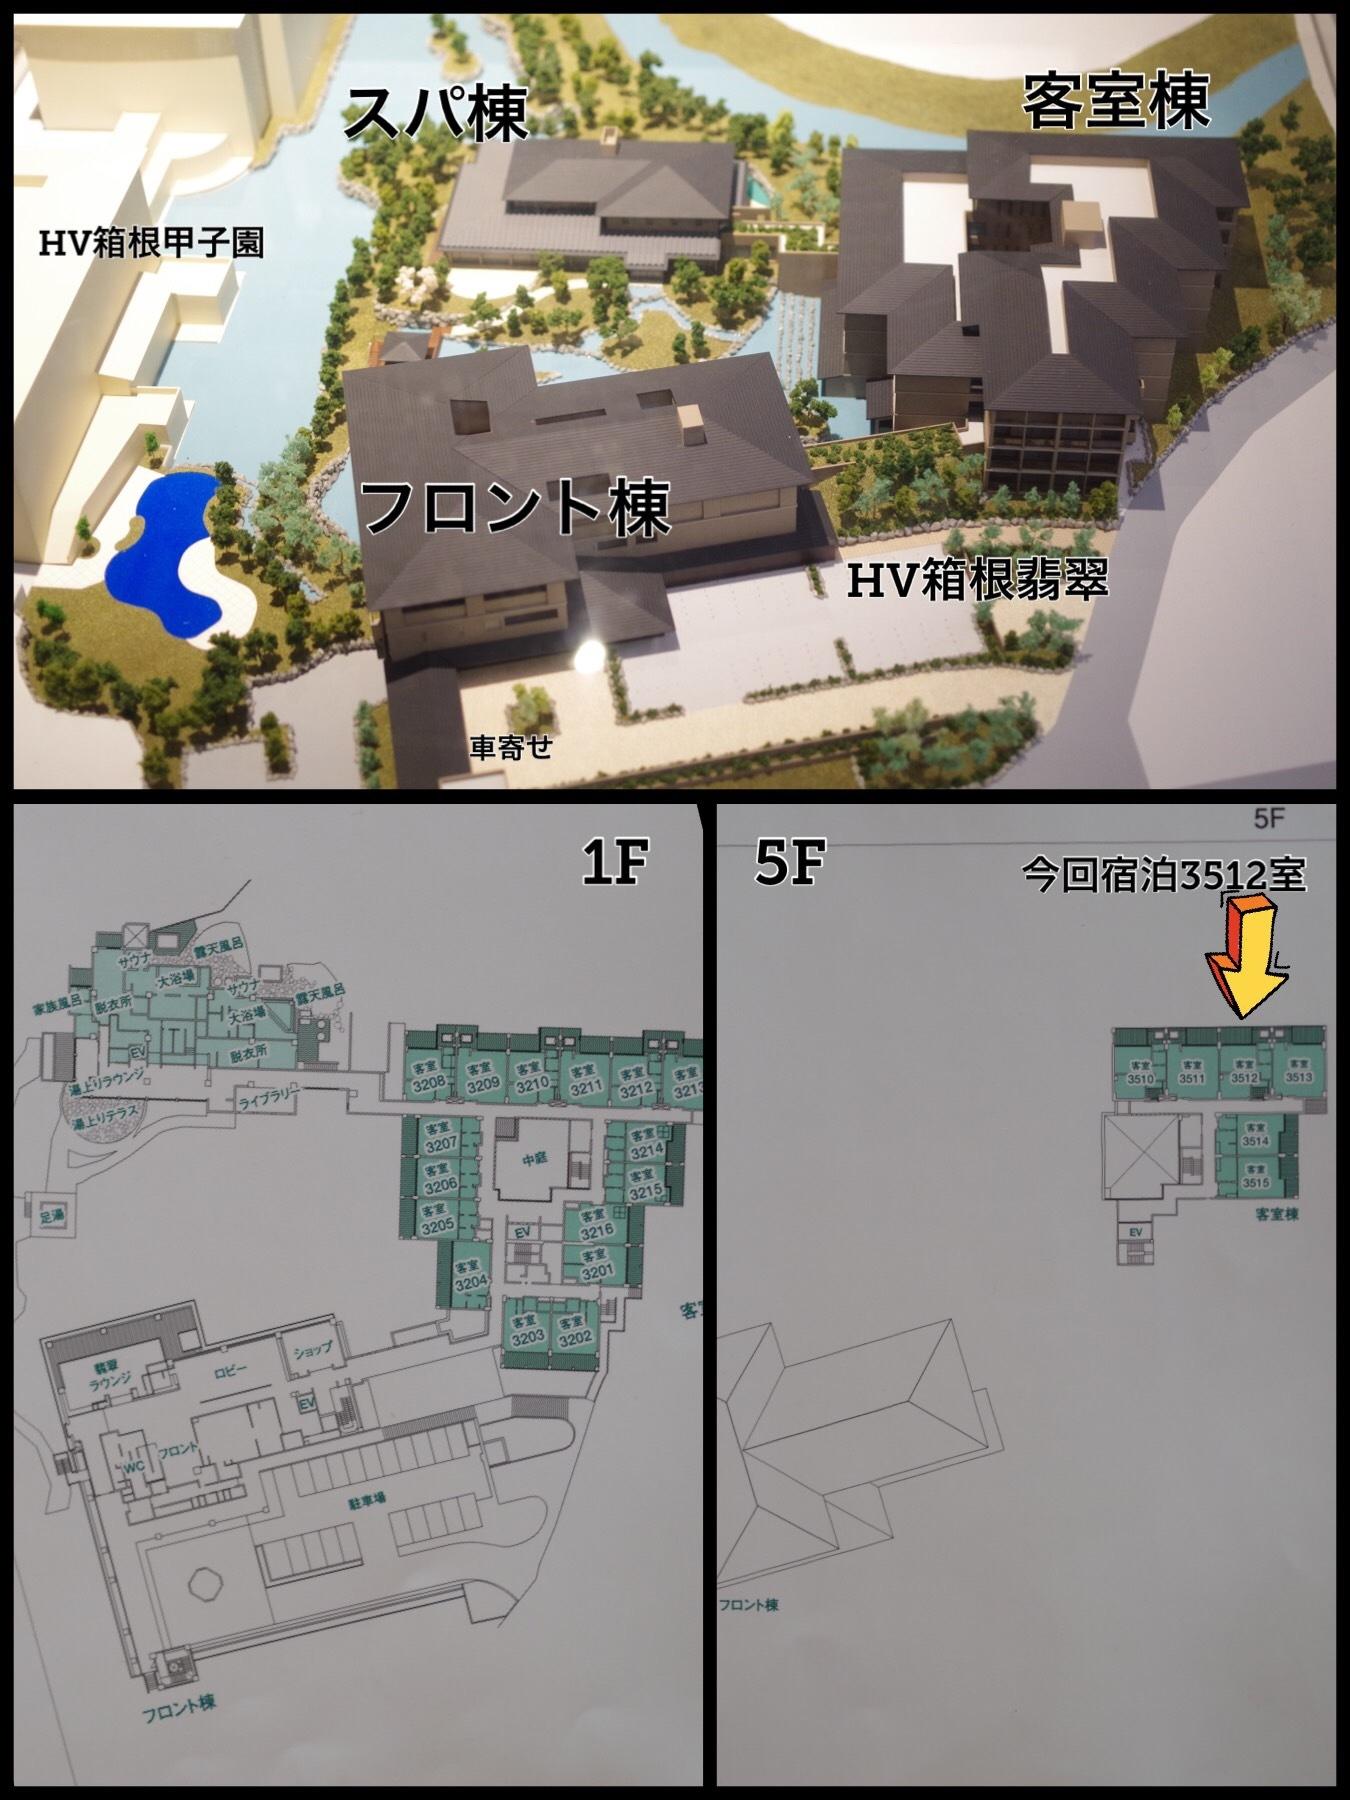 東急HV VIALA箱根翡翠